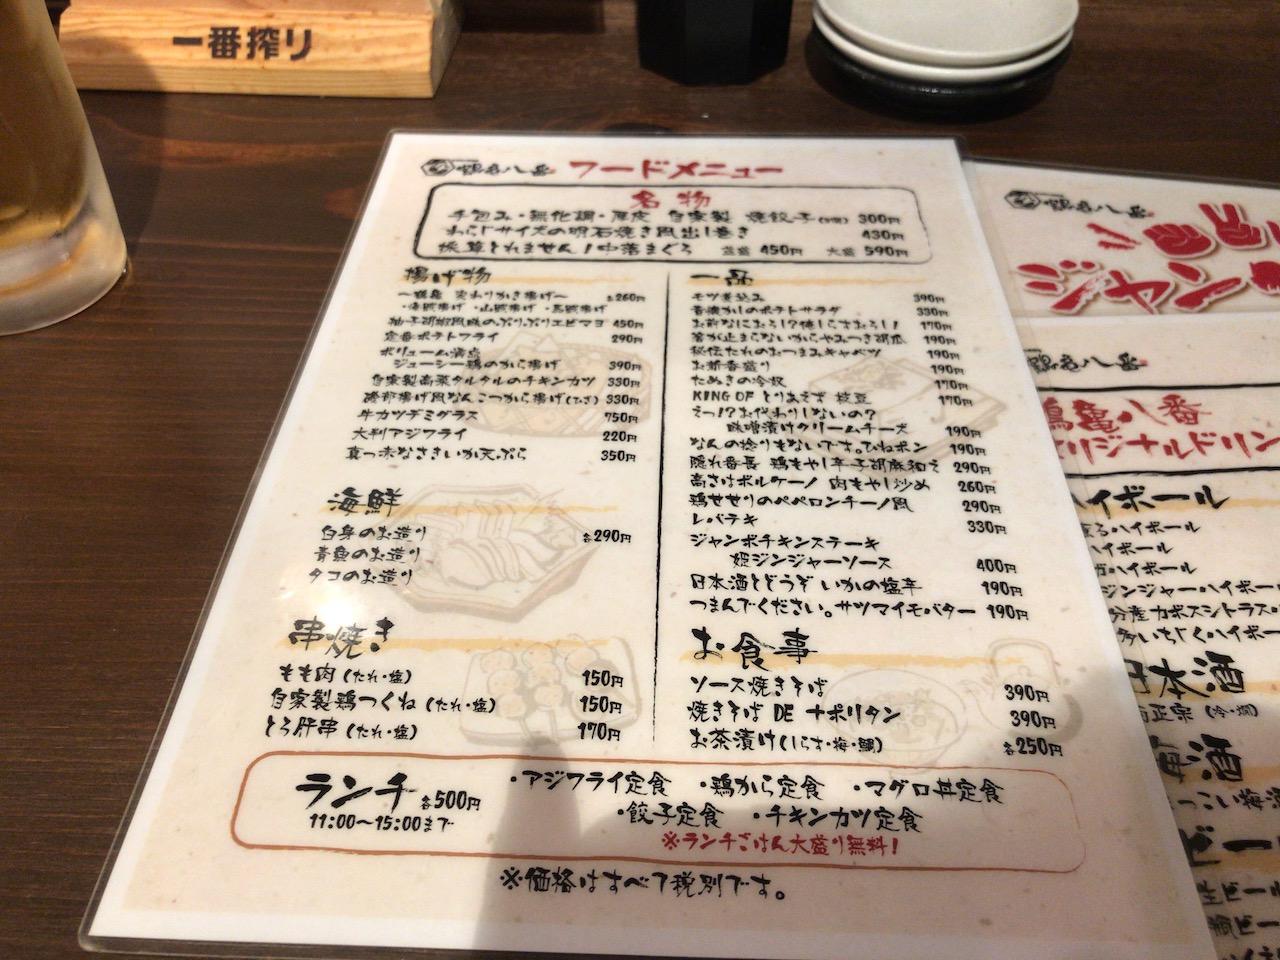 姫路駅徒歩3分!激安ビールで有名な立ち飲み居酒屋「鶴亀八番」はひとり飲みしやすいか?